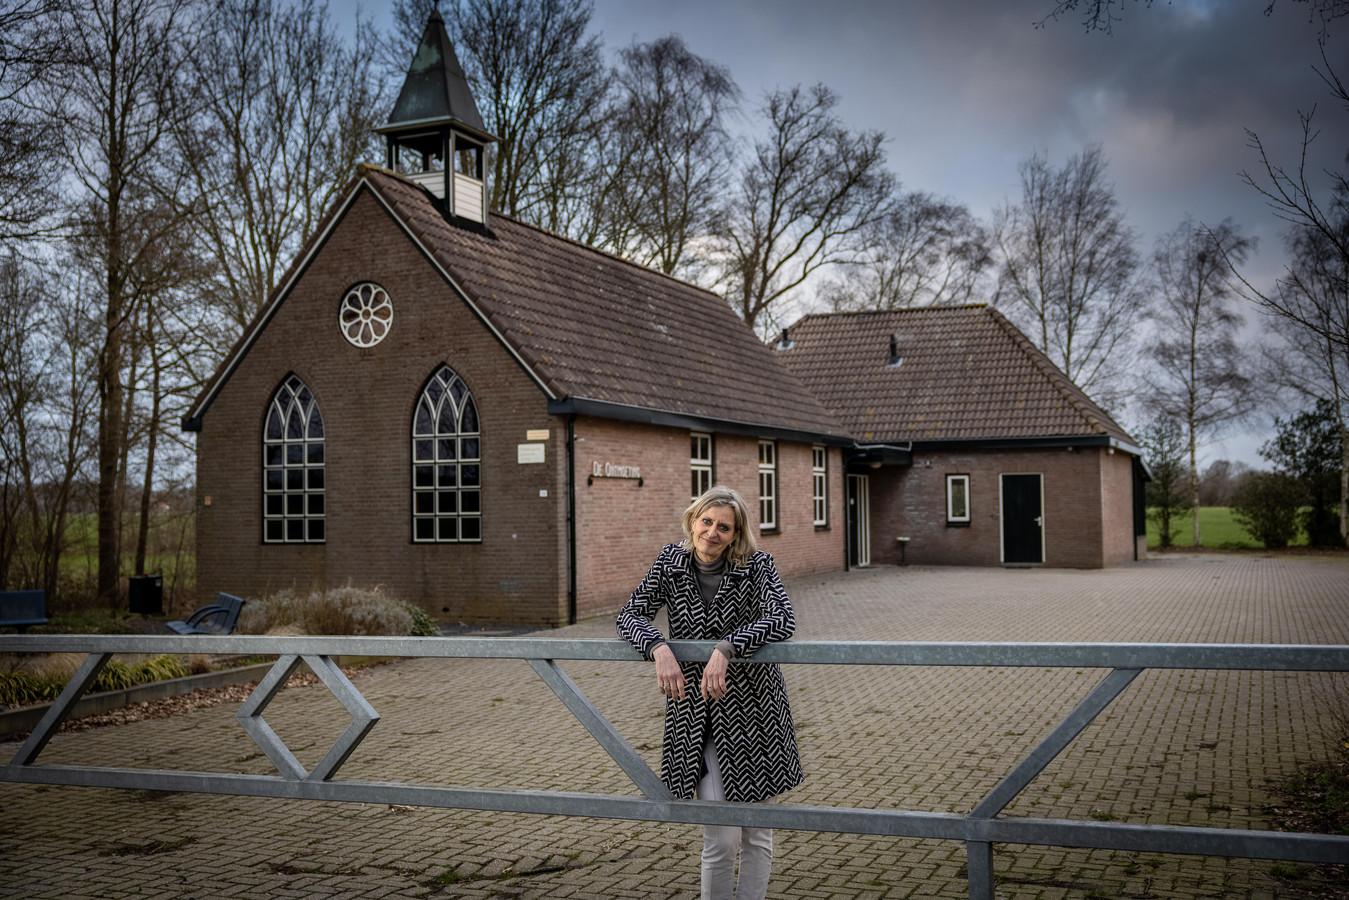 Emmy Elgersma, hier voor De Ontmoeting in Eesveen, is benoemd tot D66-lijsttrekker voor de gemeenteraadsverkiezingen van 2022 in Steenwijkerland.